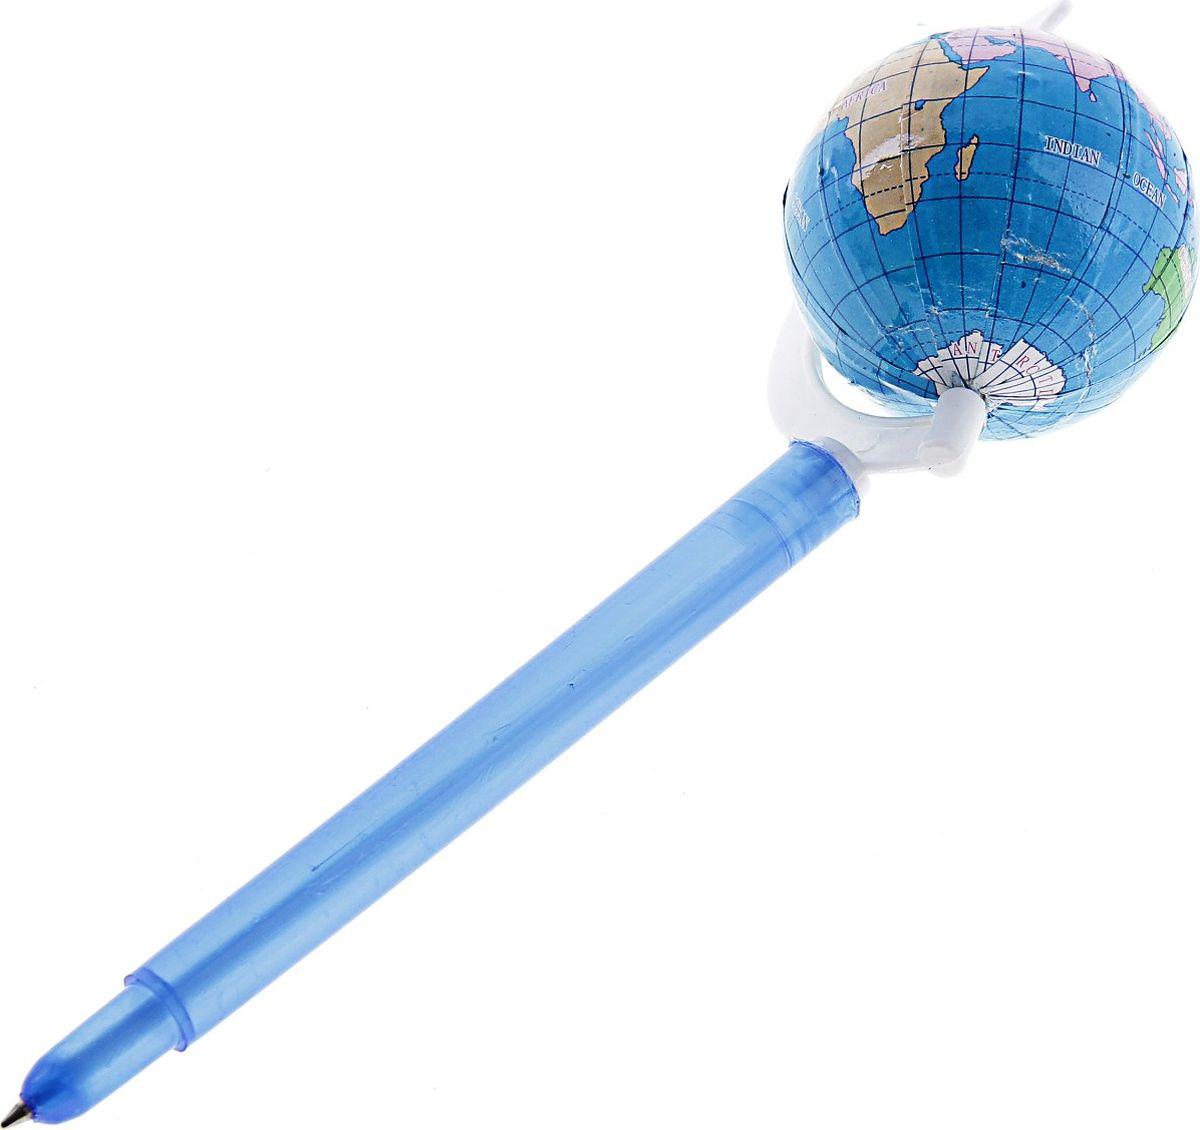 Ручка шариковая Глобус на подставке синяя102548Ручка-прикол – отличный подарок для детей и взрослых. Ручка шариковая-прикол Глобус на подставке поможет разбавить будничную рутину своим ярким и забавным дизайном. Создайте себе и всем вокруг хорошее настроение с помощью этого аксессуара, он не останется незамеченным!